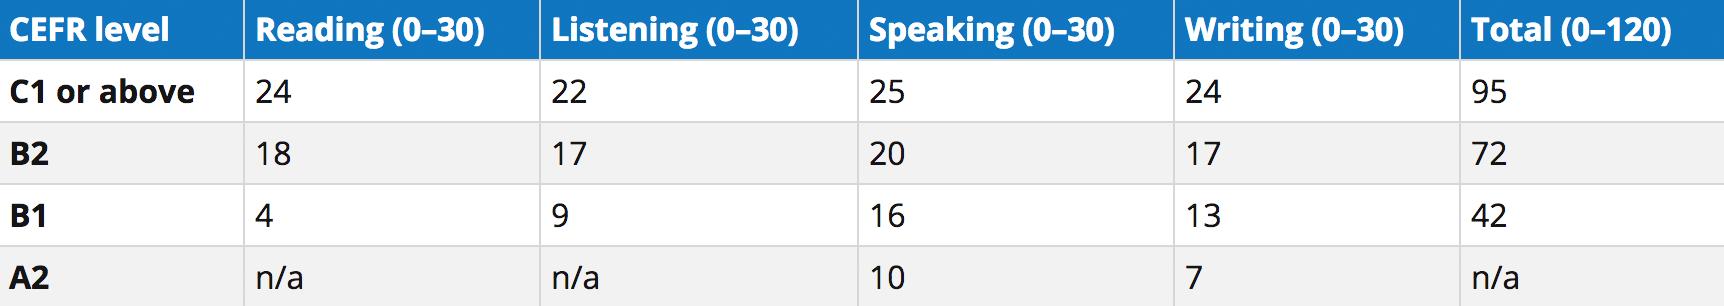 Если ваш уровень Upper-Intermediate, то есть B2 по международной шкале, вы можете рассчитывать, что сдадите TOEFL на 72 балла. Этого хватит, чтобы поступить в большинство колледжей США